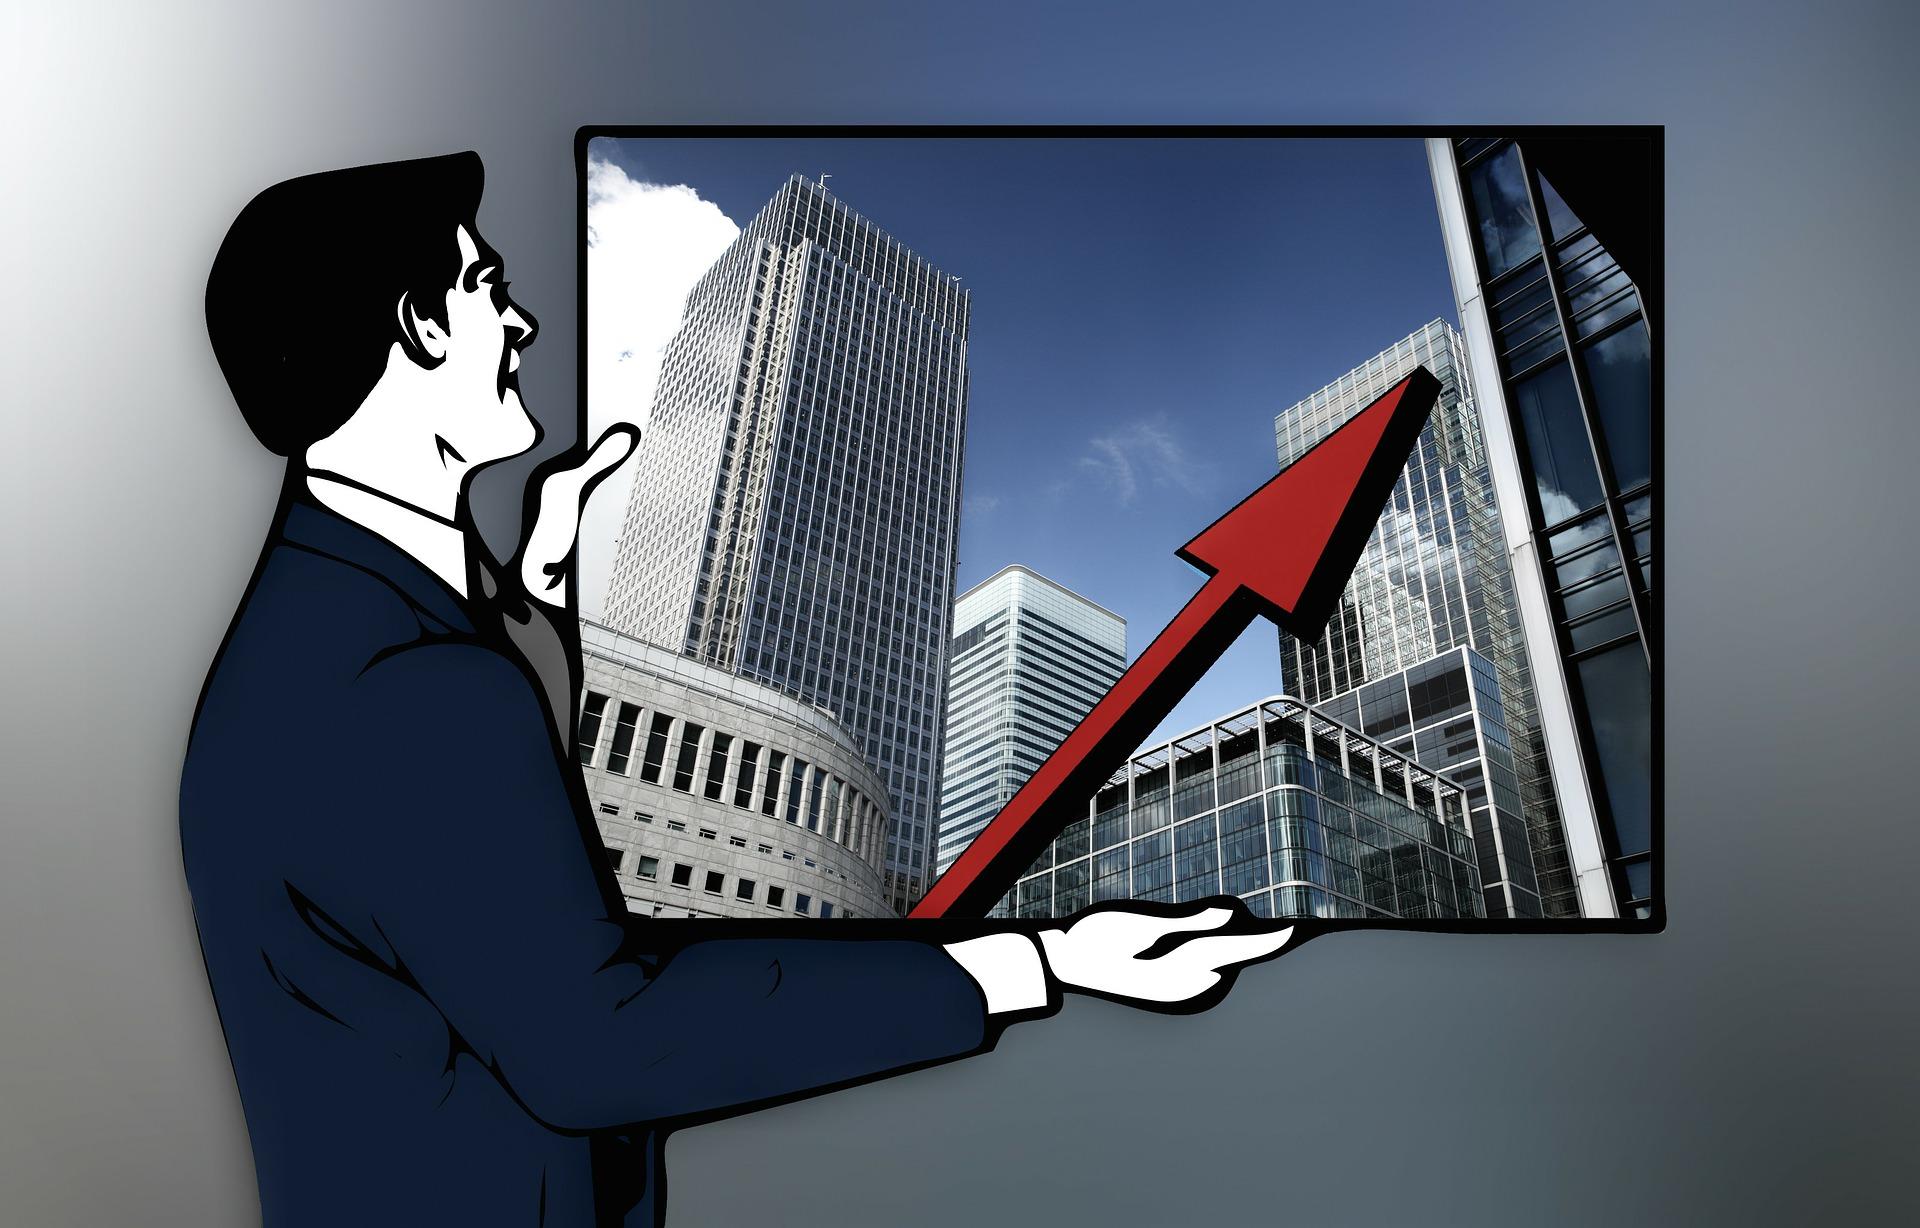 株主優待を実施する企業の本当の理由を理解する